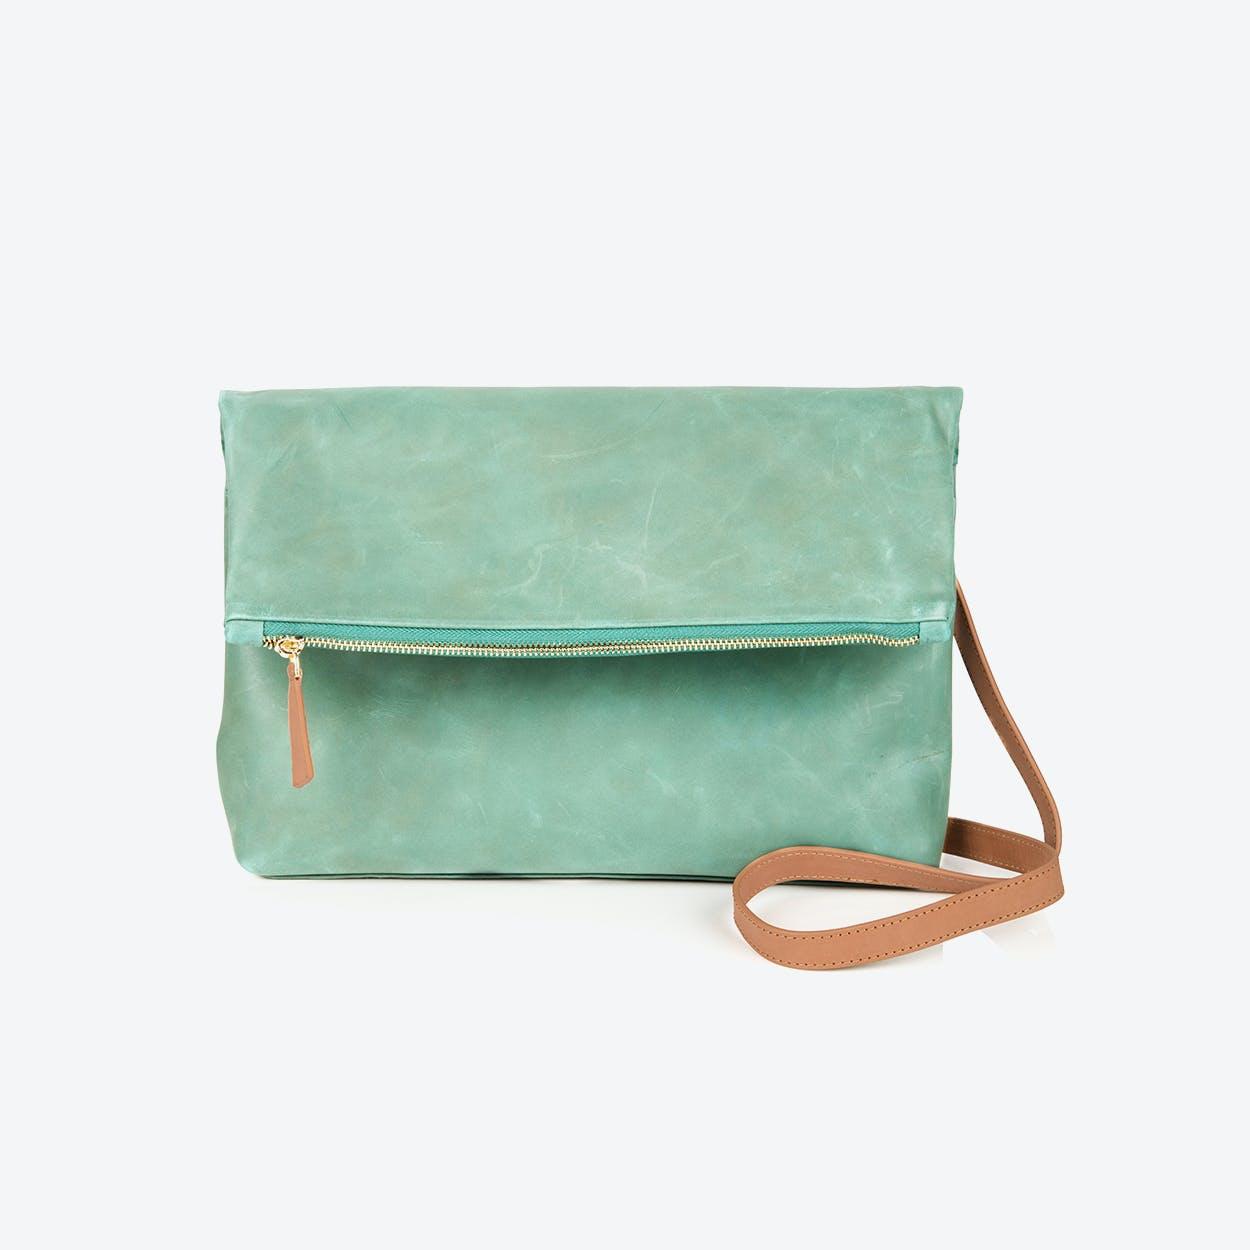 Rena foldover bag in Sage Green